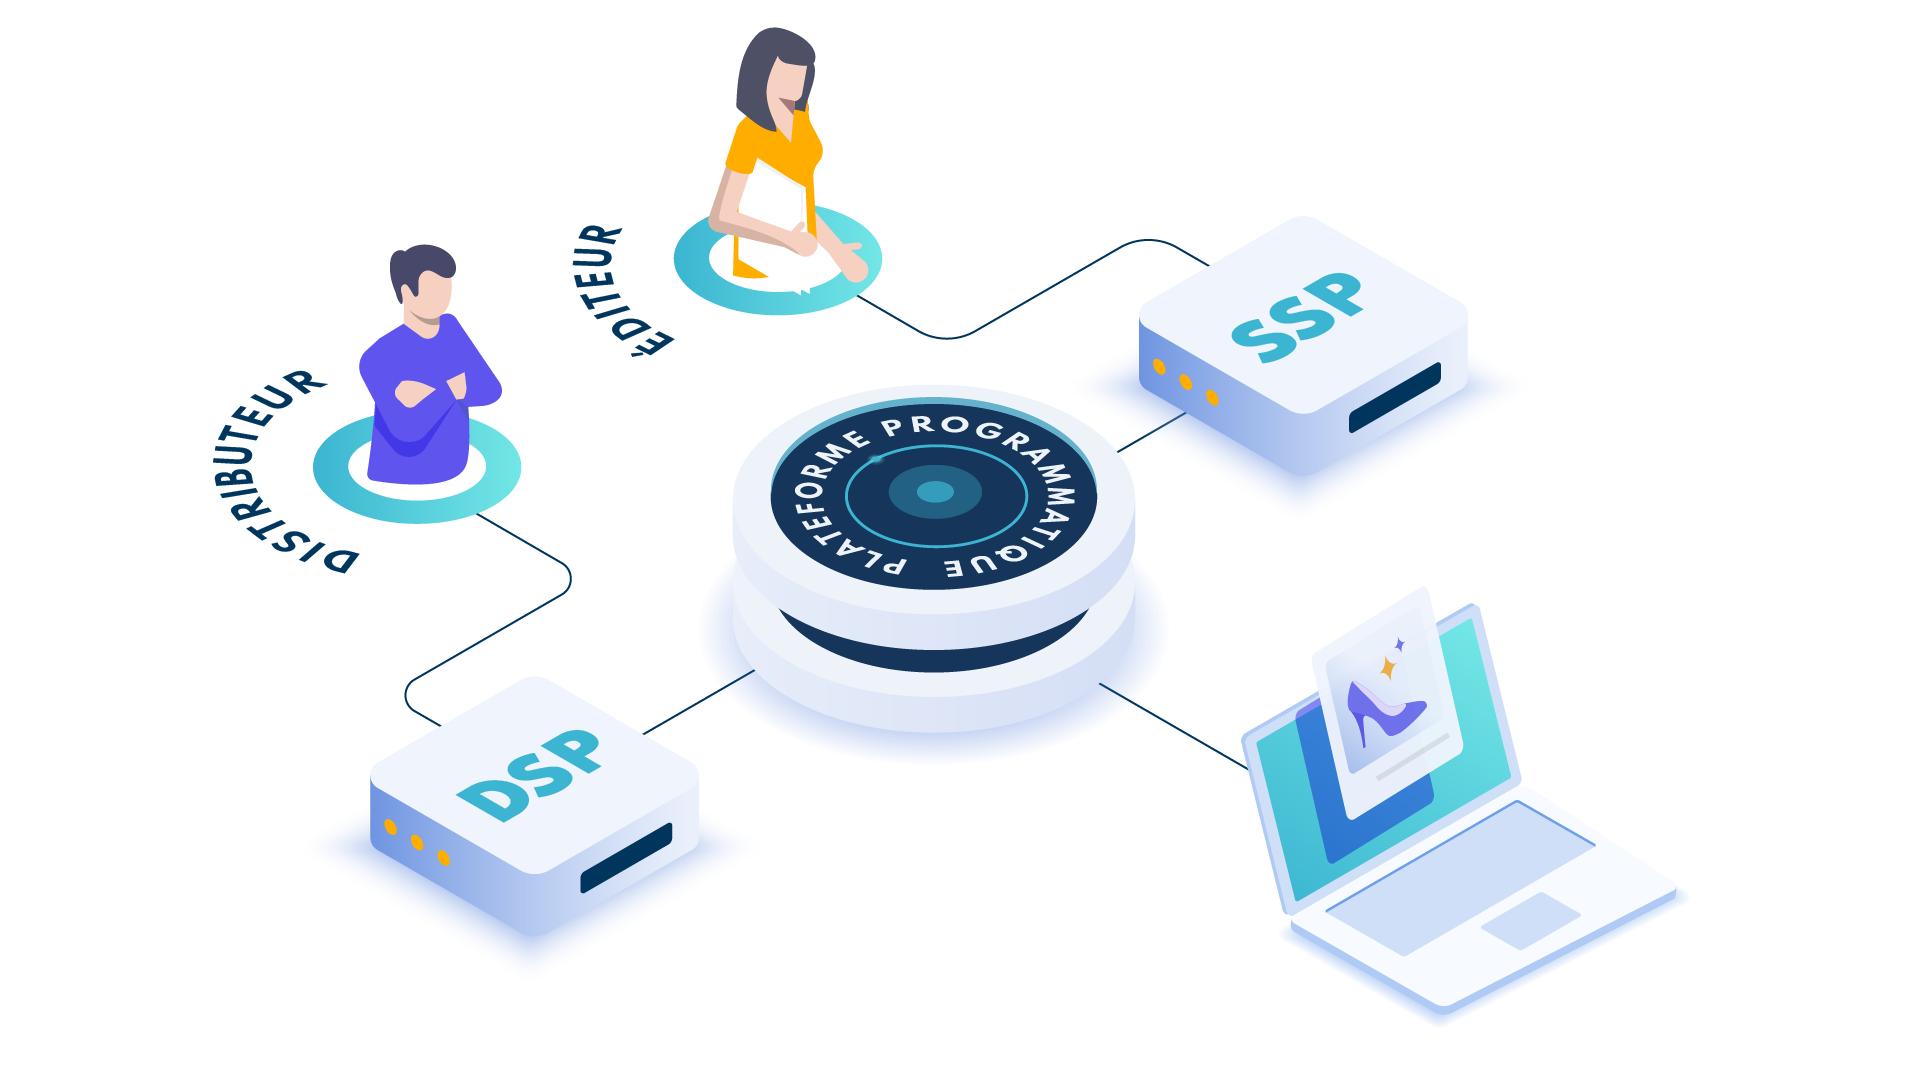 DSP et SSP se synchronisent pour proposer aux consommateurs de la publicité programmatique